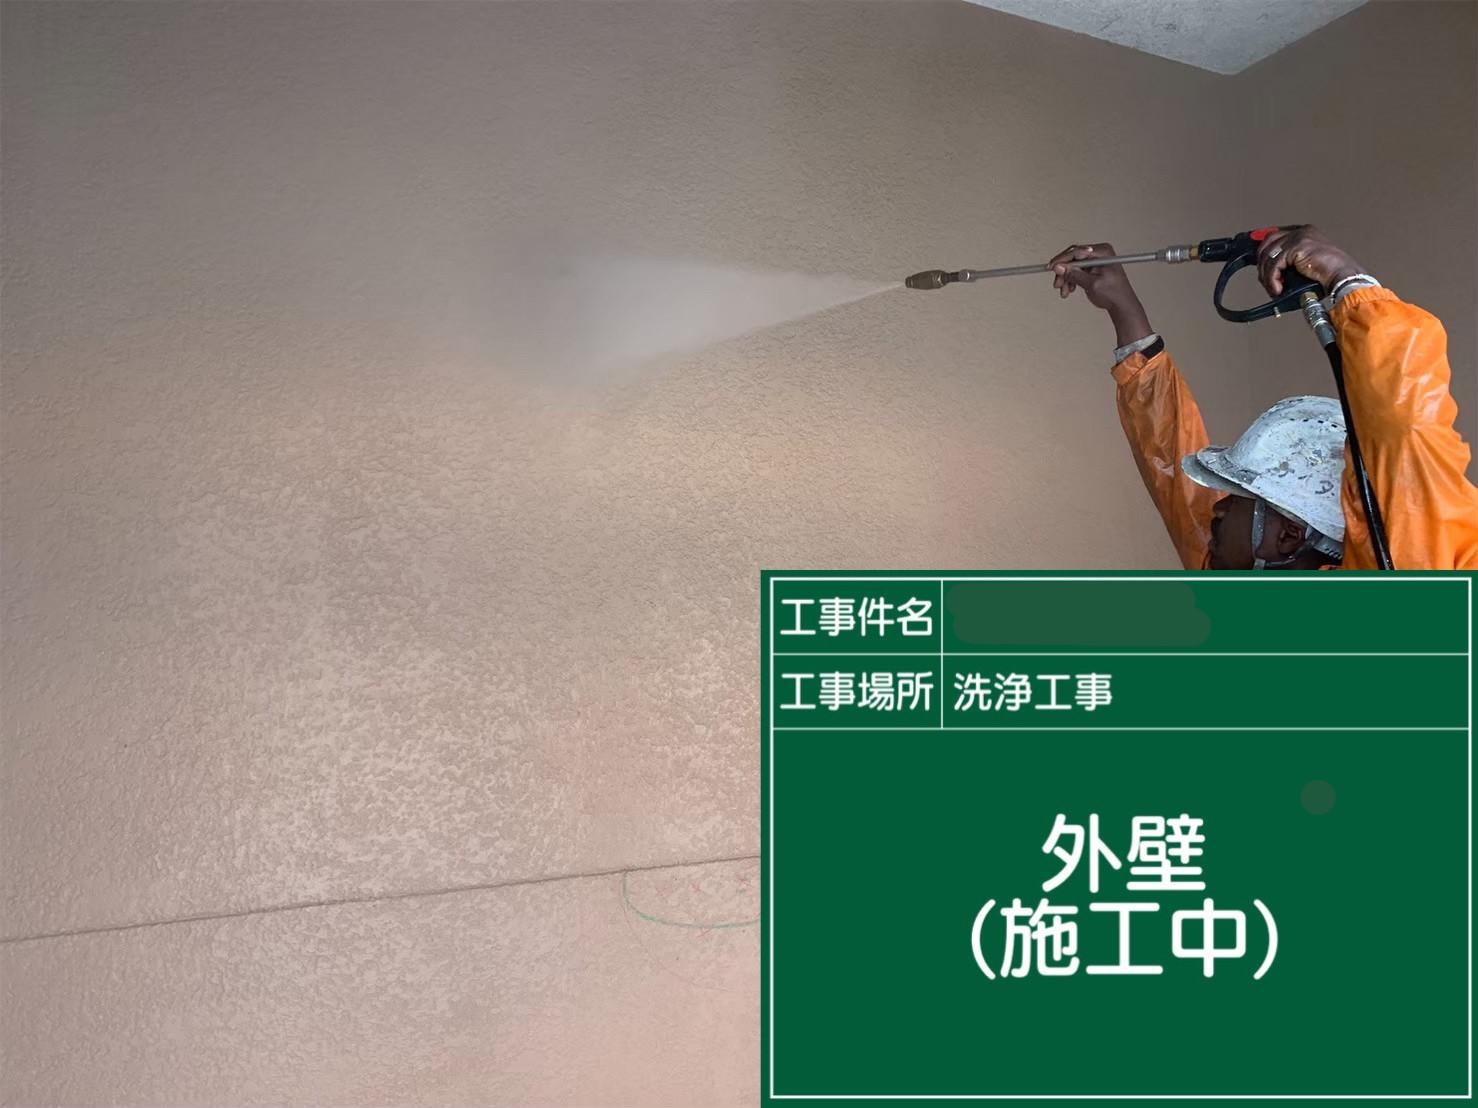 【高圧洗浄】①外壁